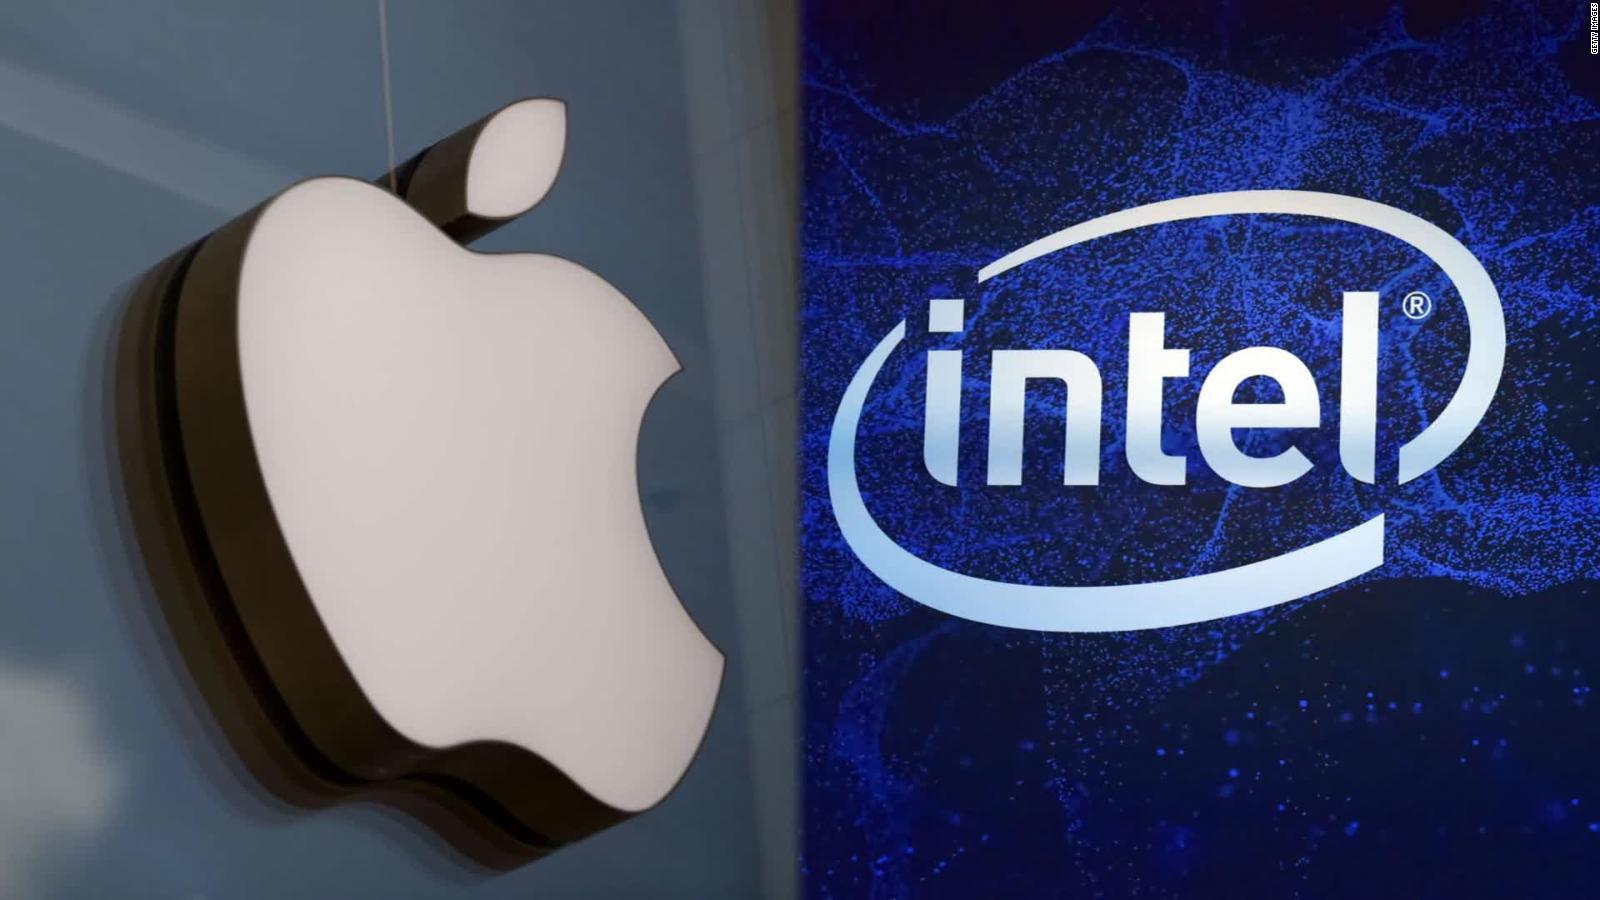 ¿Qué pasó con la alianza entre Apple e Intel?